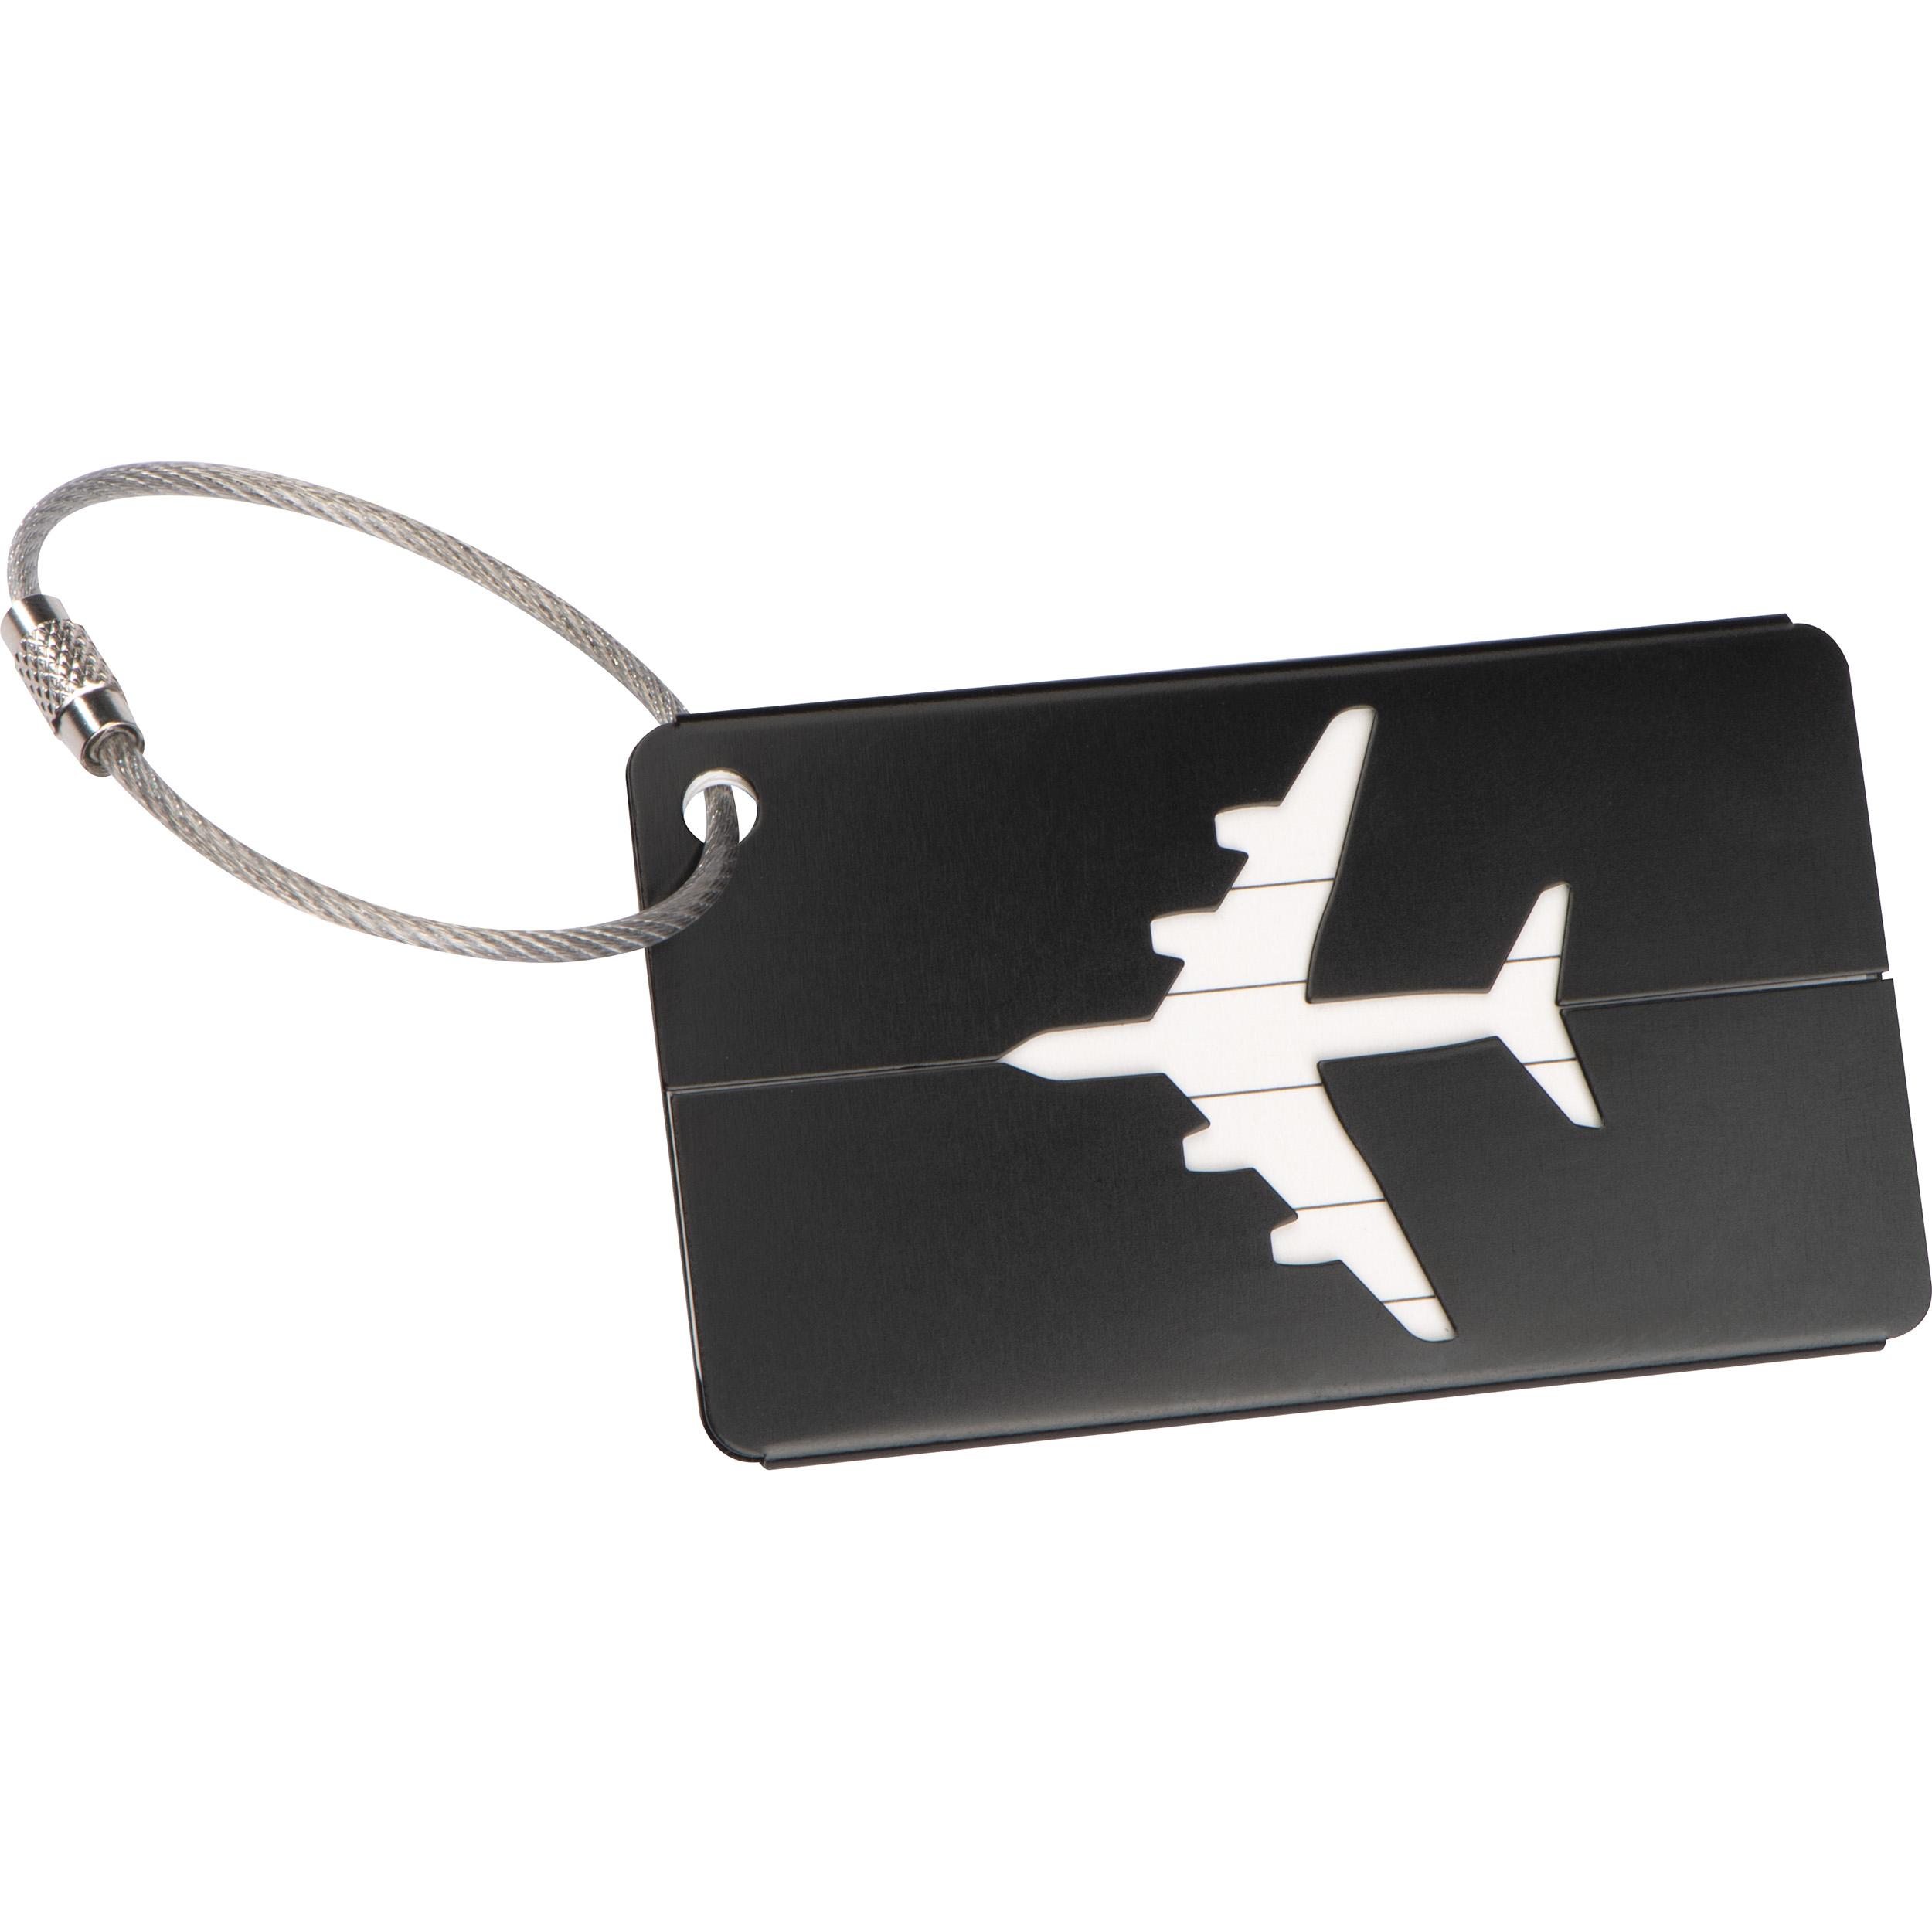 Porte-étiquette bagage en aluminium